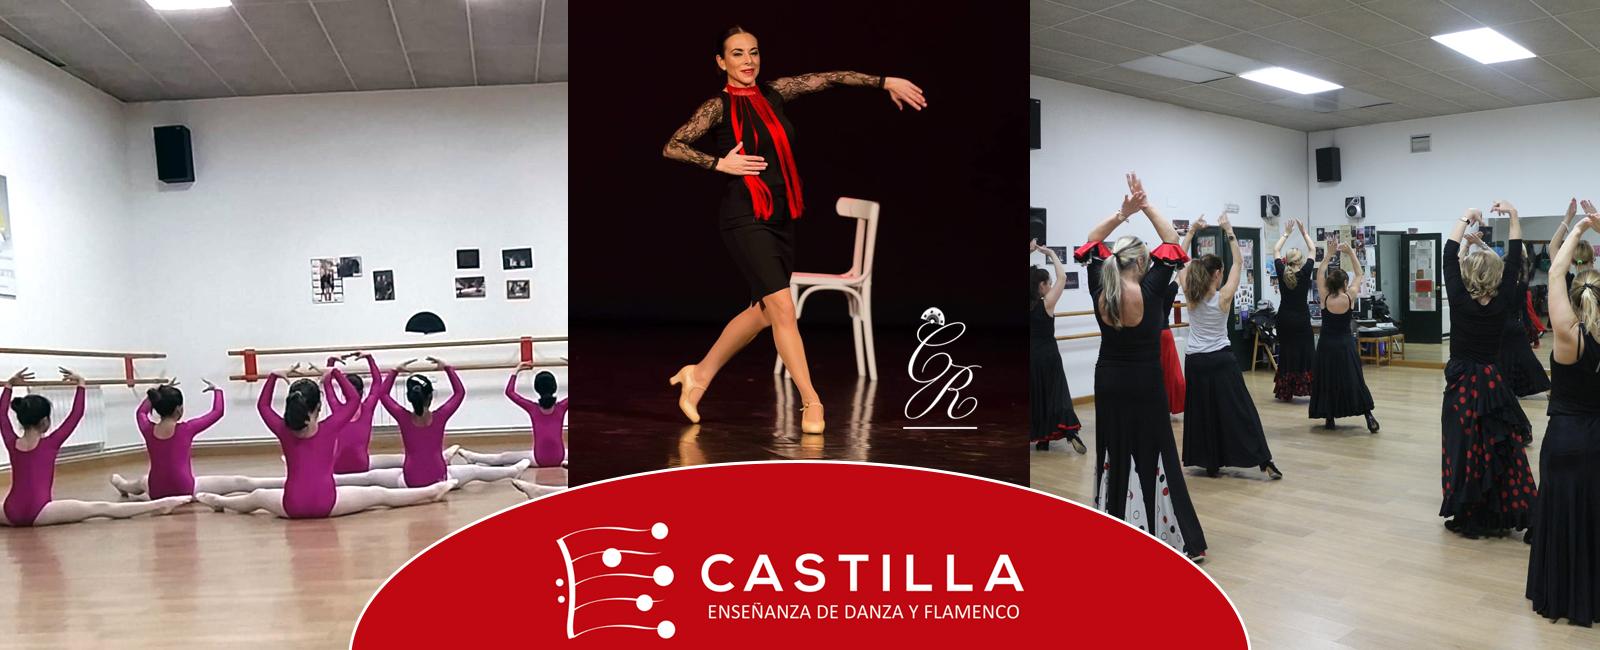 Clases En Valladolid Escuela De Flamenco Valladolid Escuelas De Danza Www Academiacristinaredondo Es